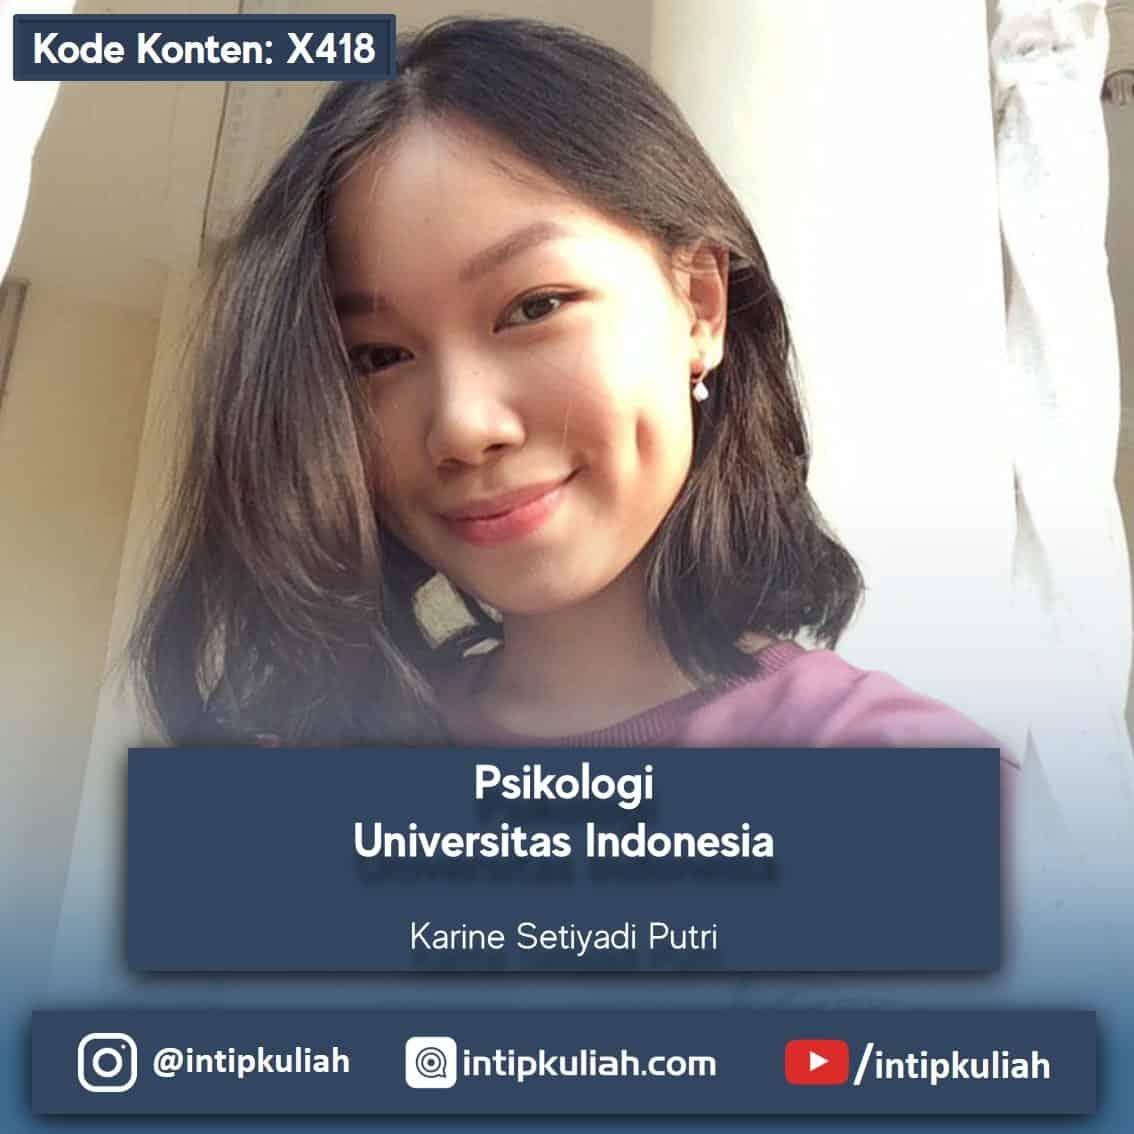 Psikologi UI (Karine)